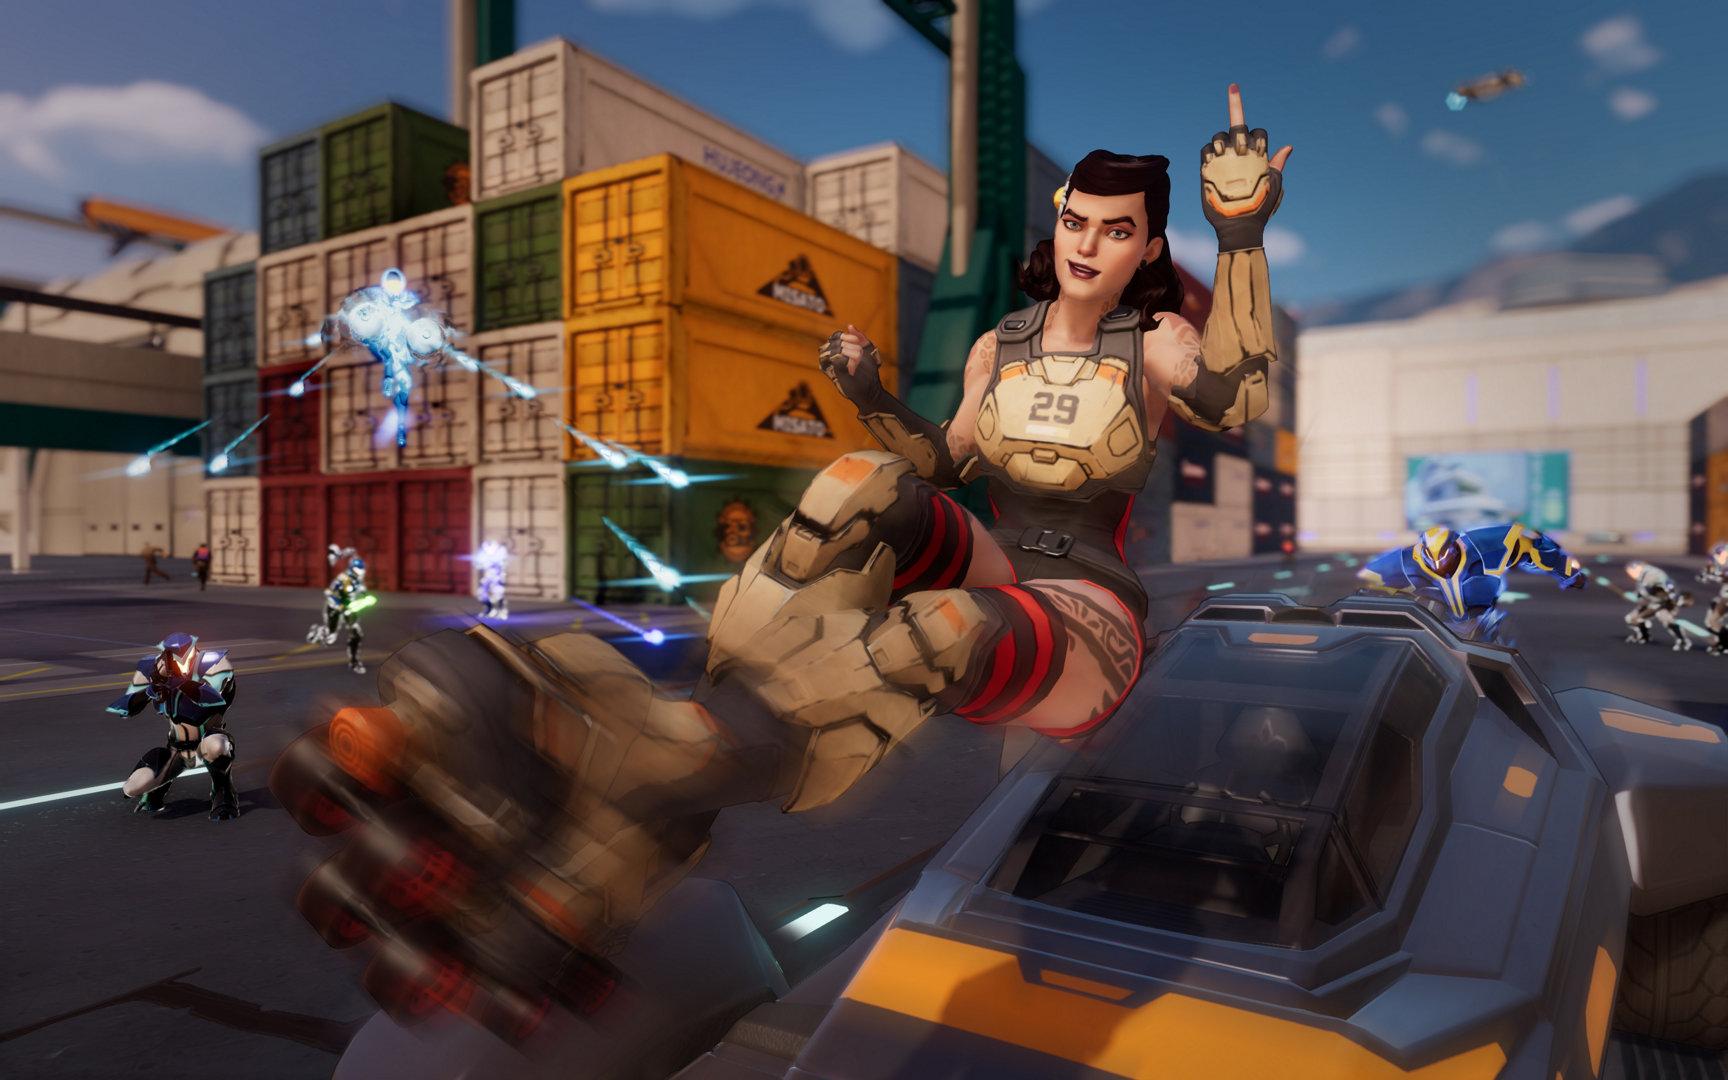 agents-of-mayhem-daisy-screen-01-ps4-us-